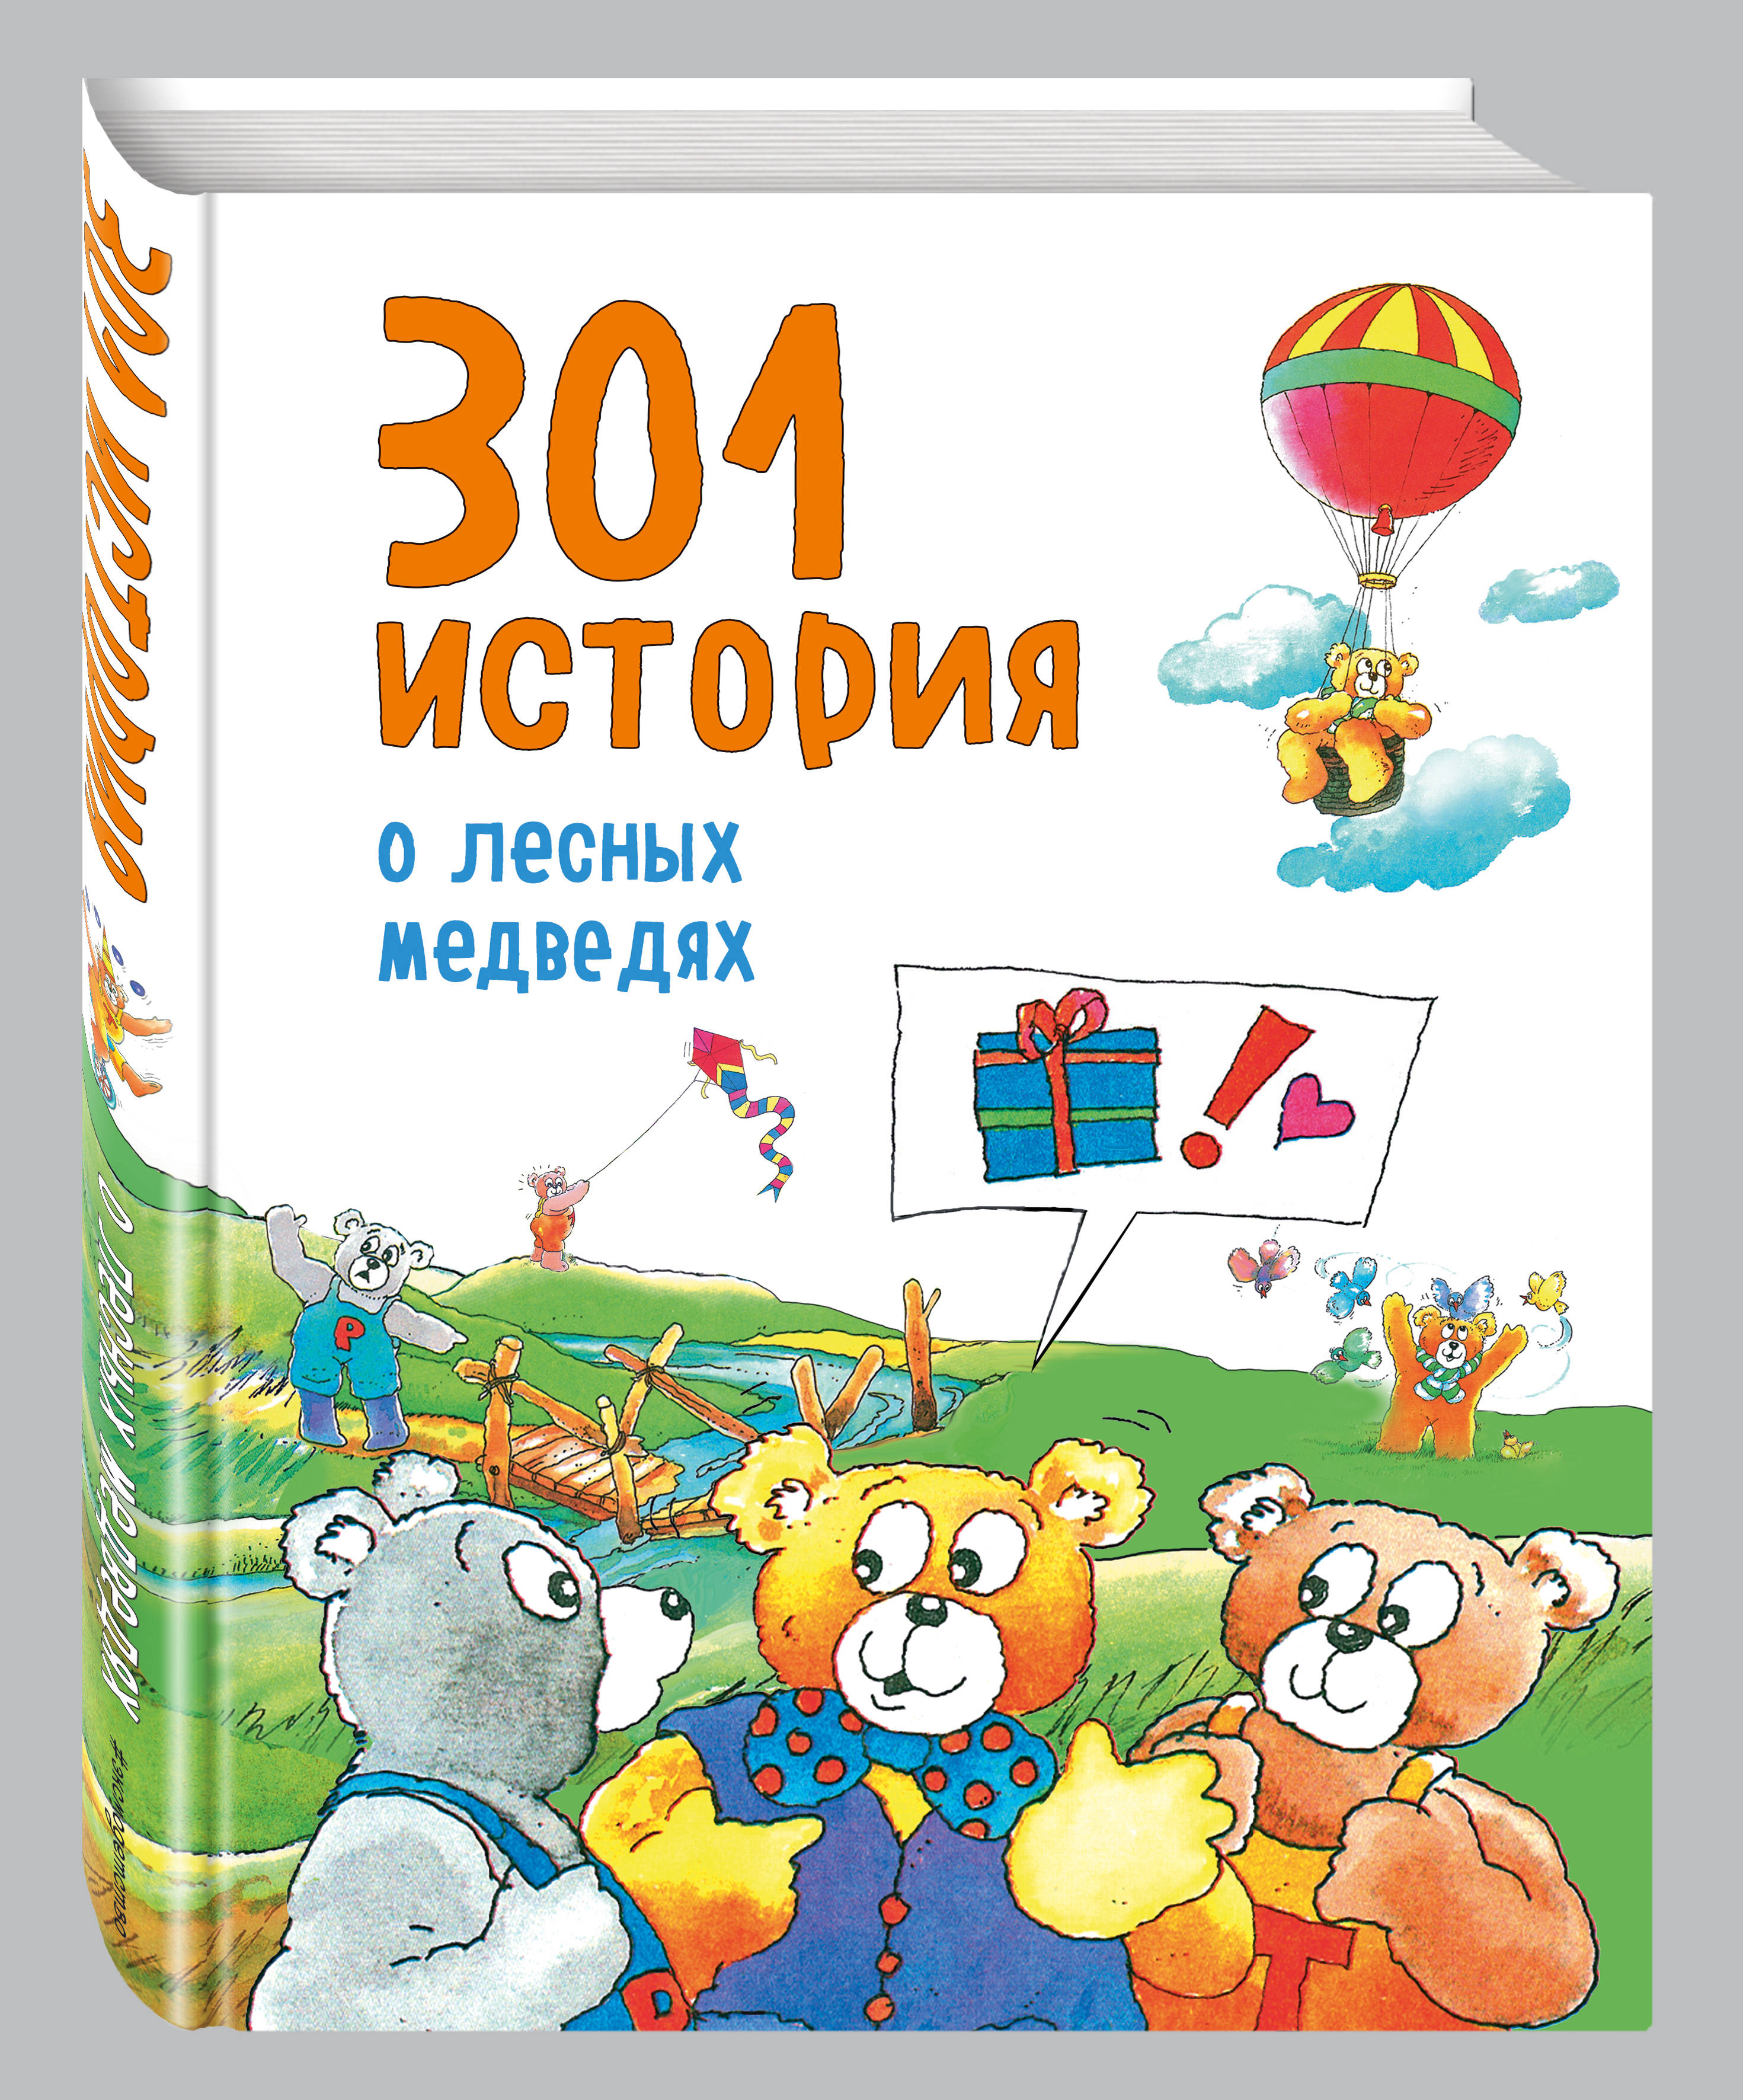 301 история о лесных медведях